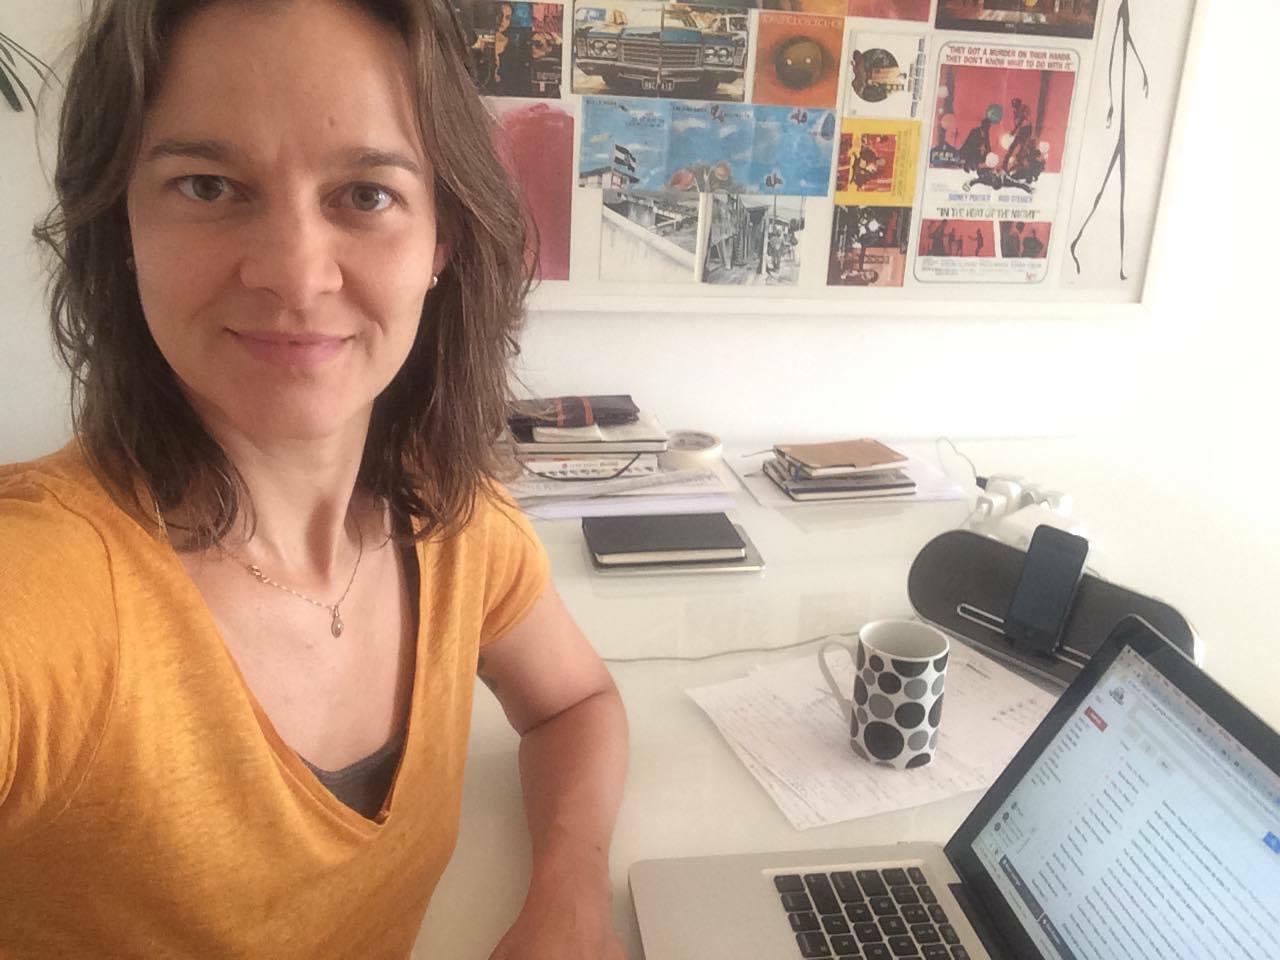 A editora-chefe do Draft, Phydia de Athayde, em seu posto de trabalho.